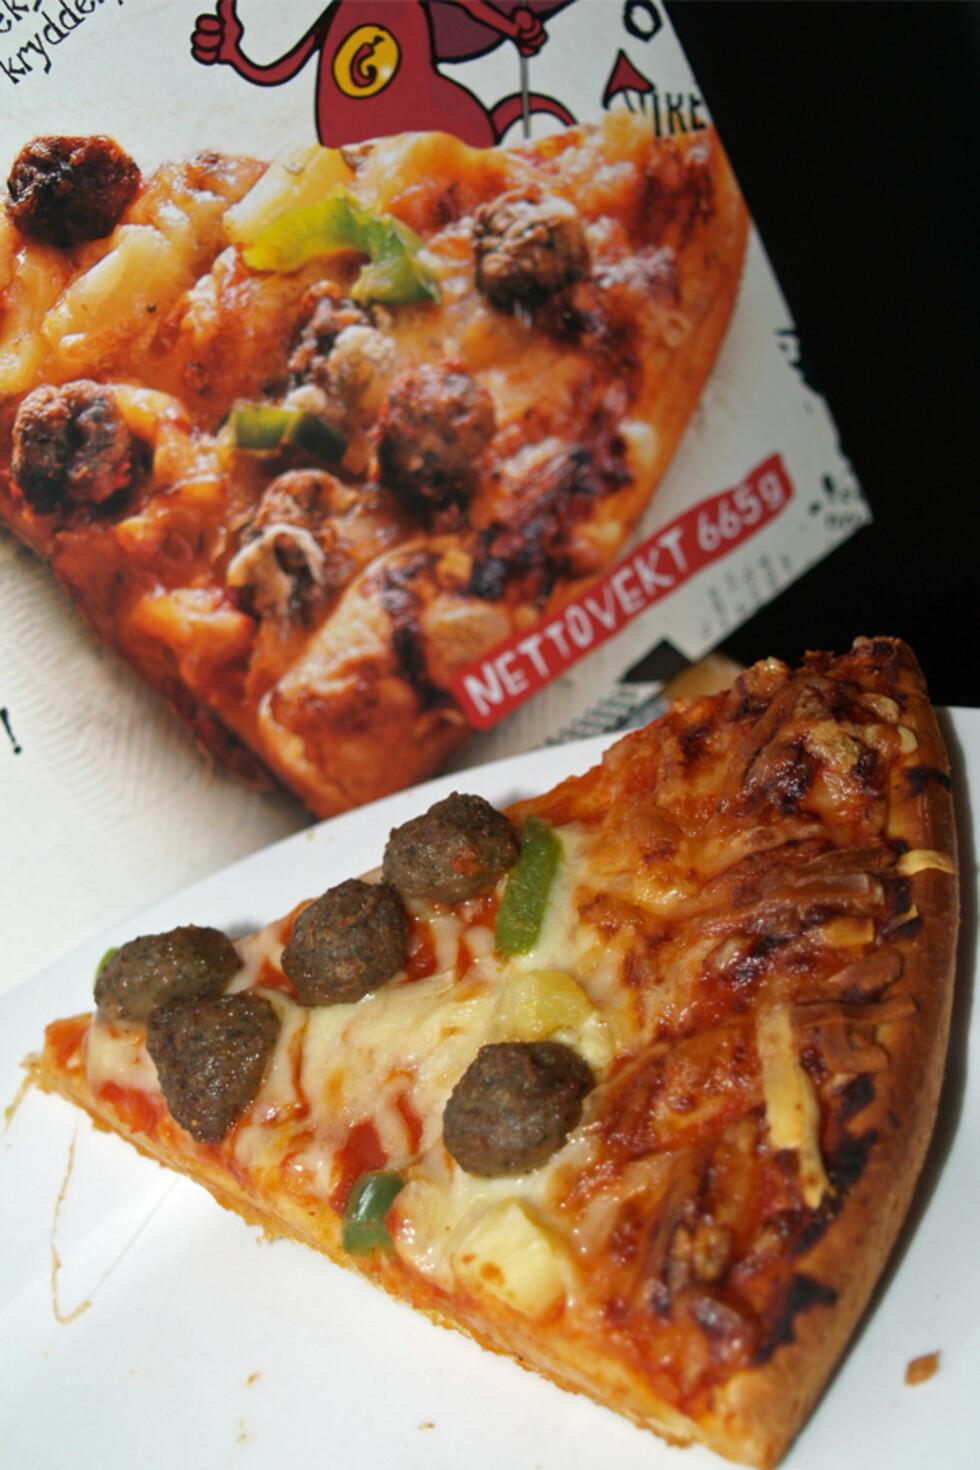 Nært nok - pizzaen på emballasjen ser bedre ut, men gir i det minste riktig inntrykk av den ferdigstekte pizzaen.